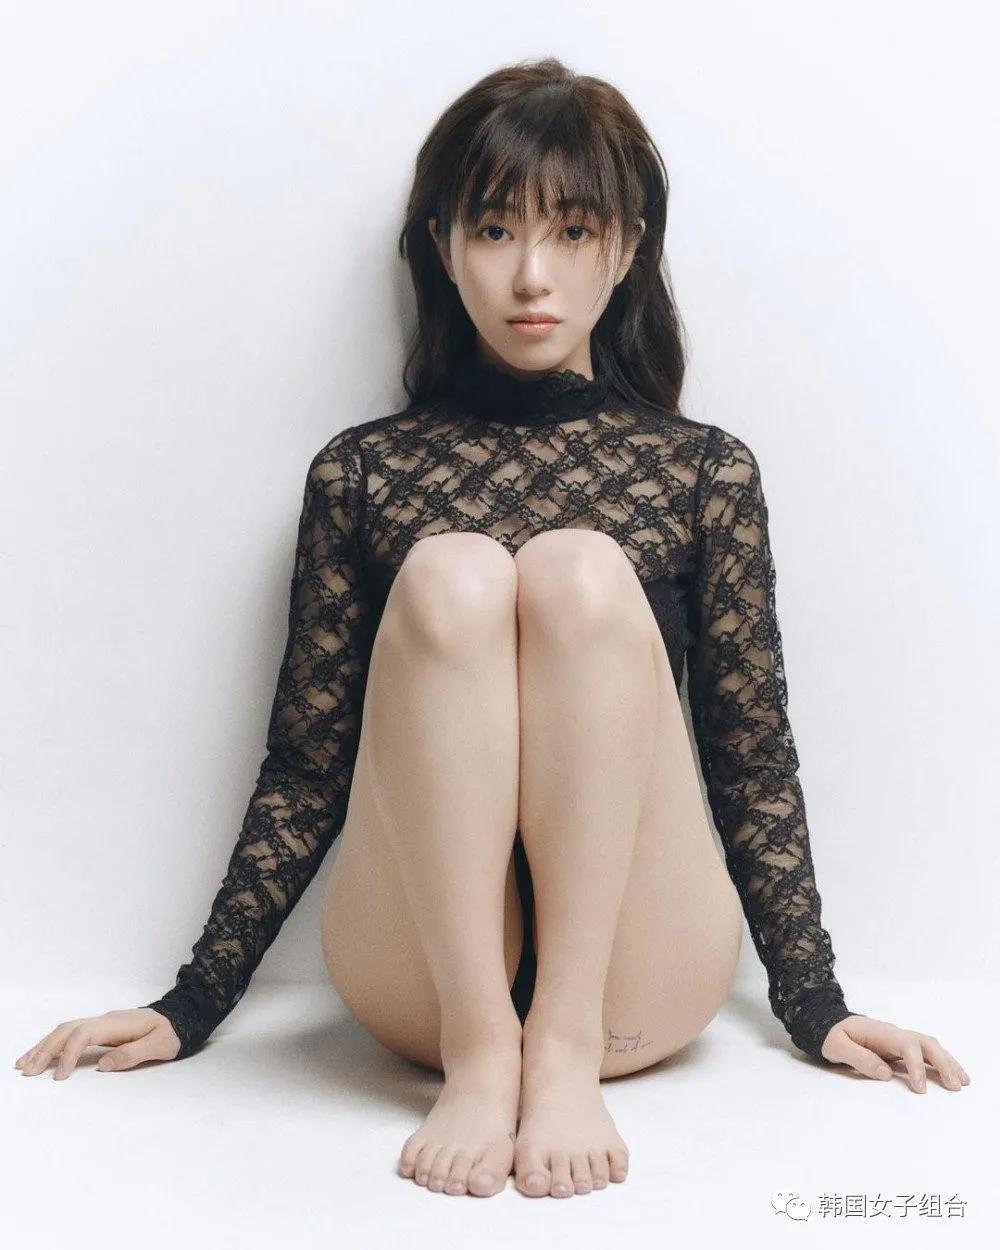 经历过每天都想死的日子后,她大秀裸背,韩网友希望她健康